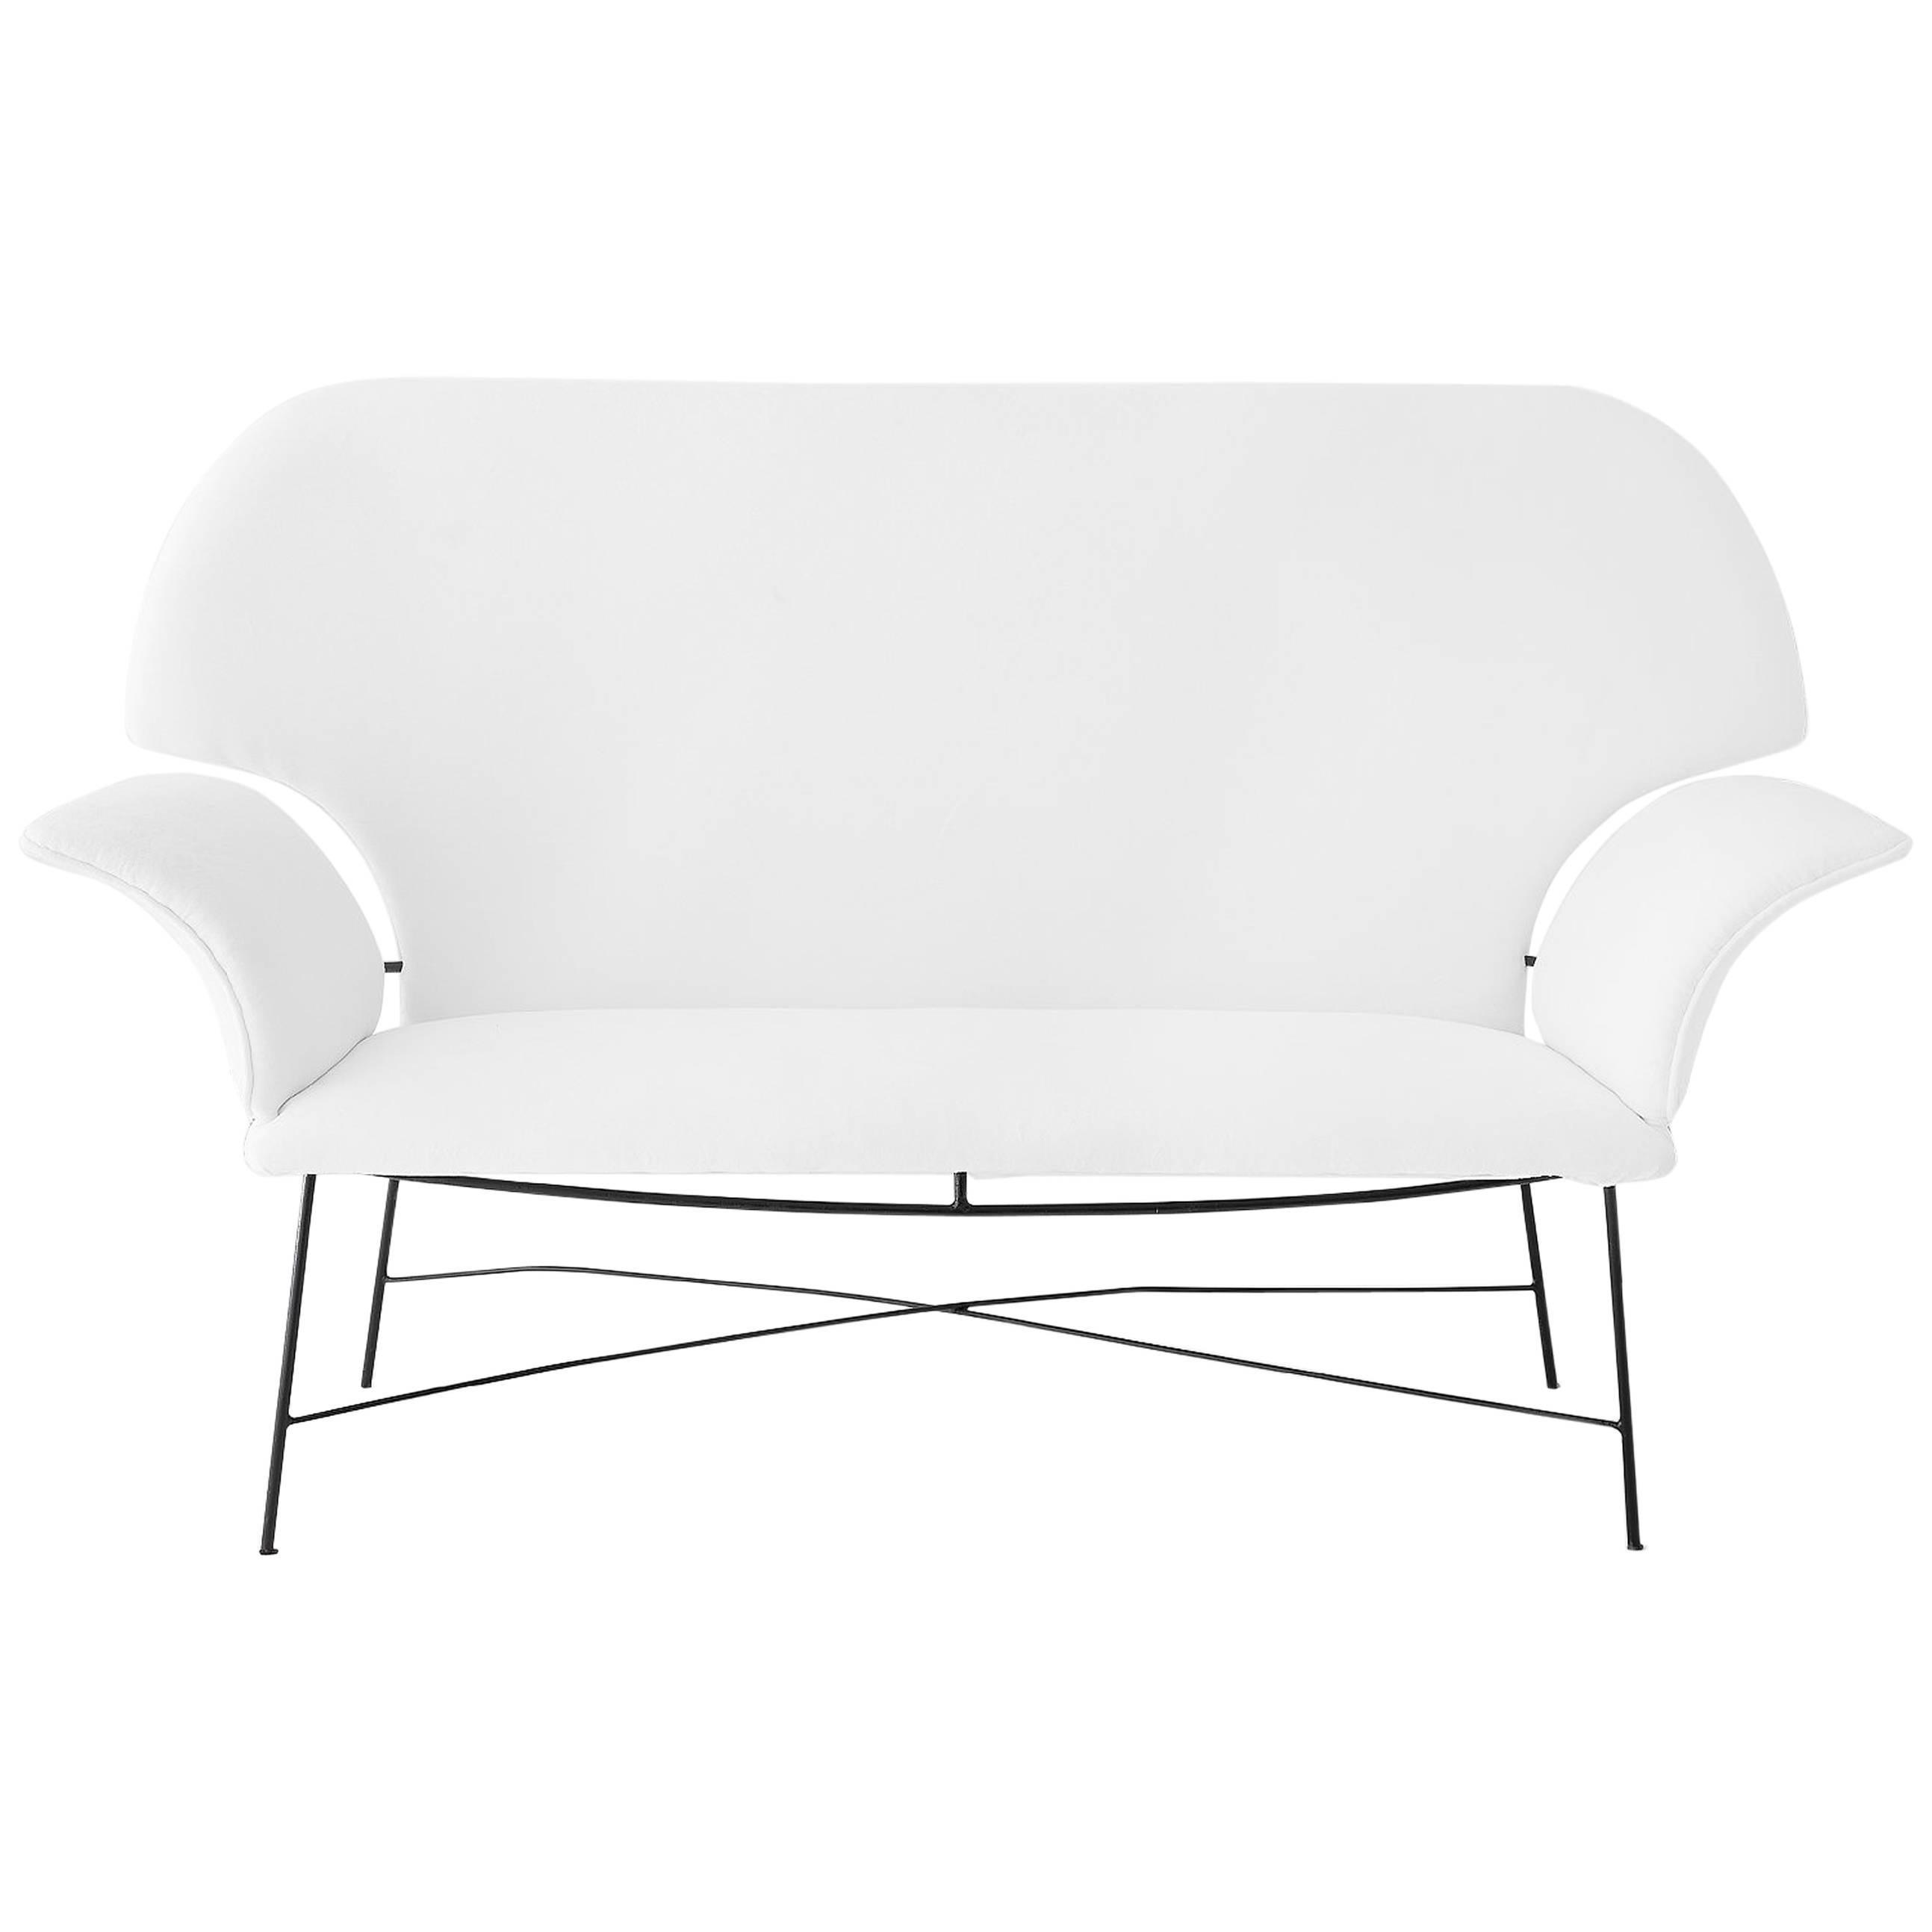 Martin Eisler & Carlo Hauner Brazilian Mid-century Design White upholstered Sofa